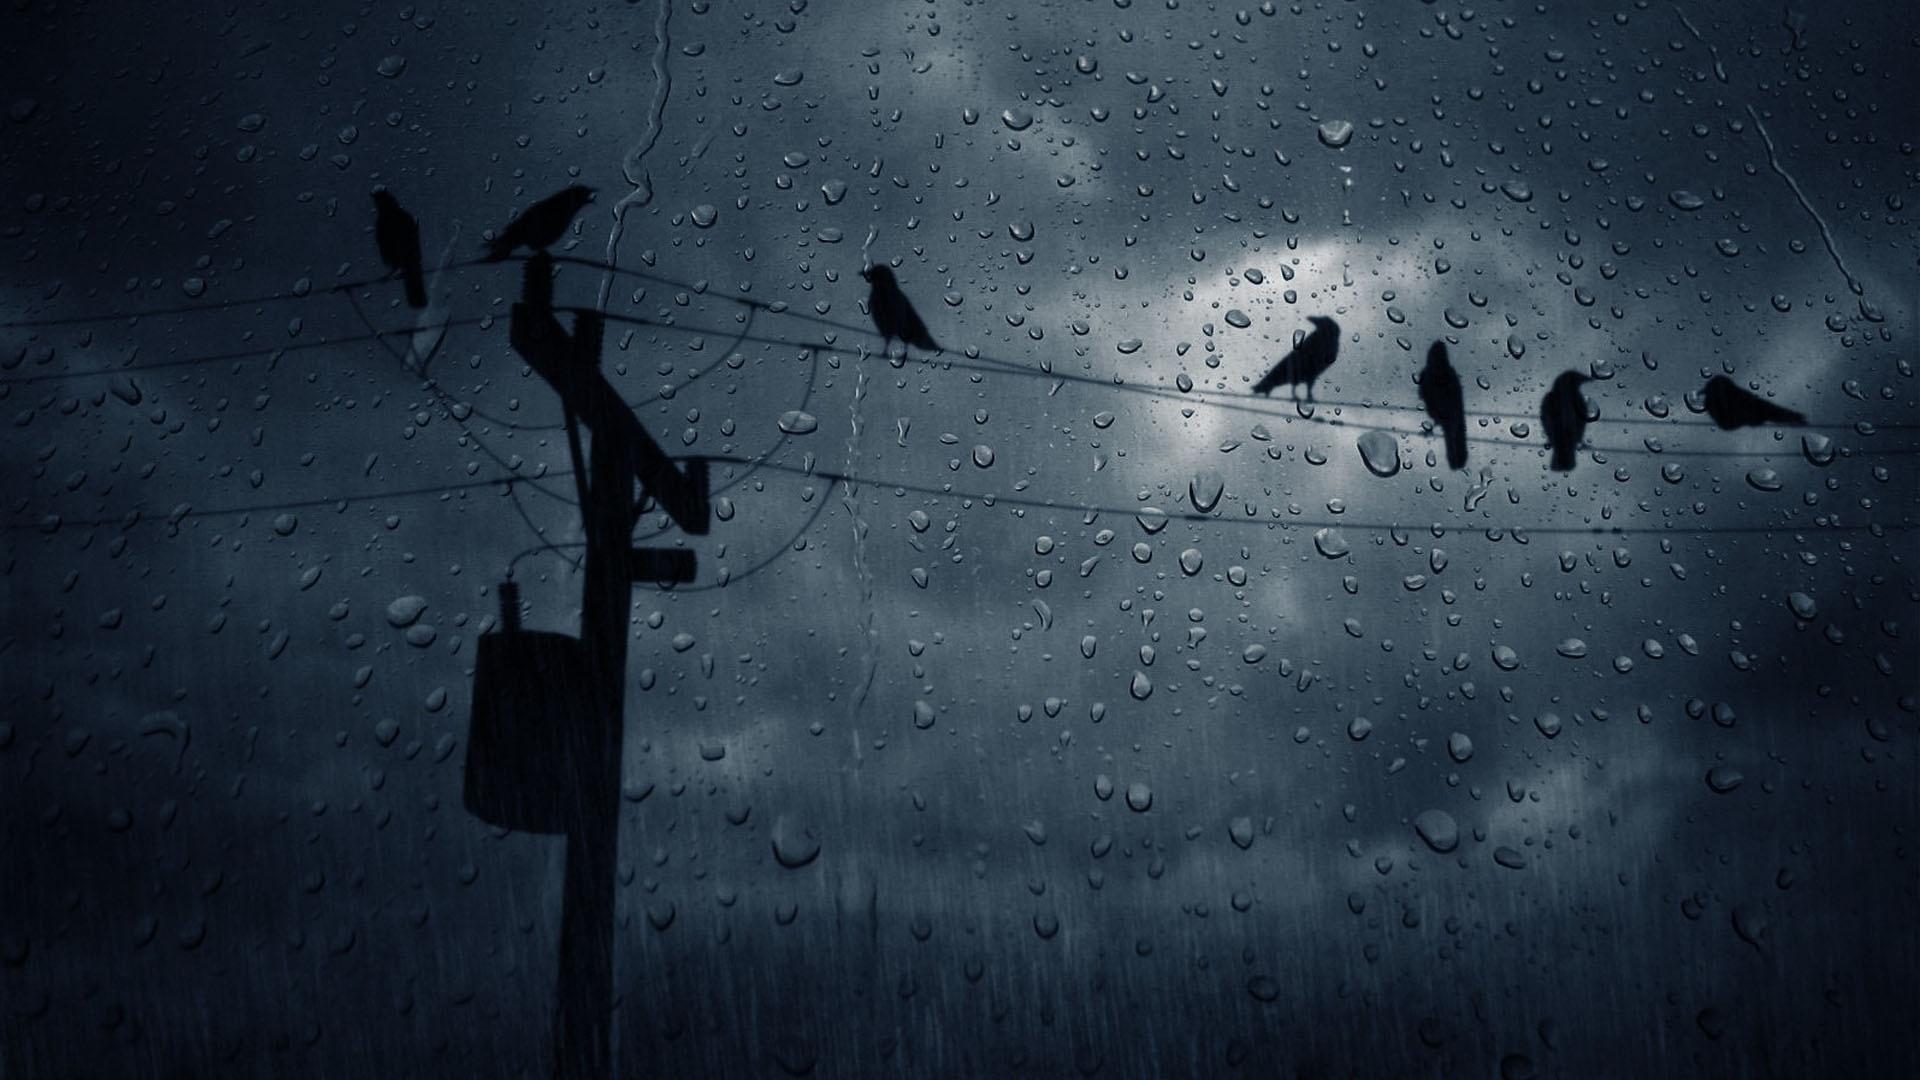 Rain HD 1920x1080 1920x1080